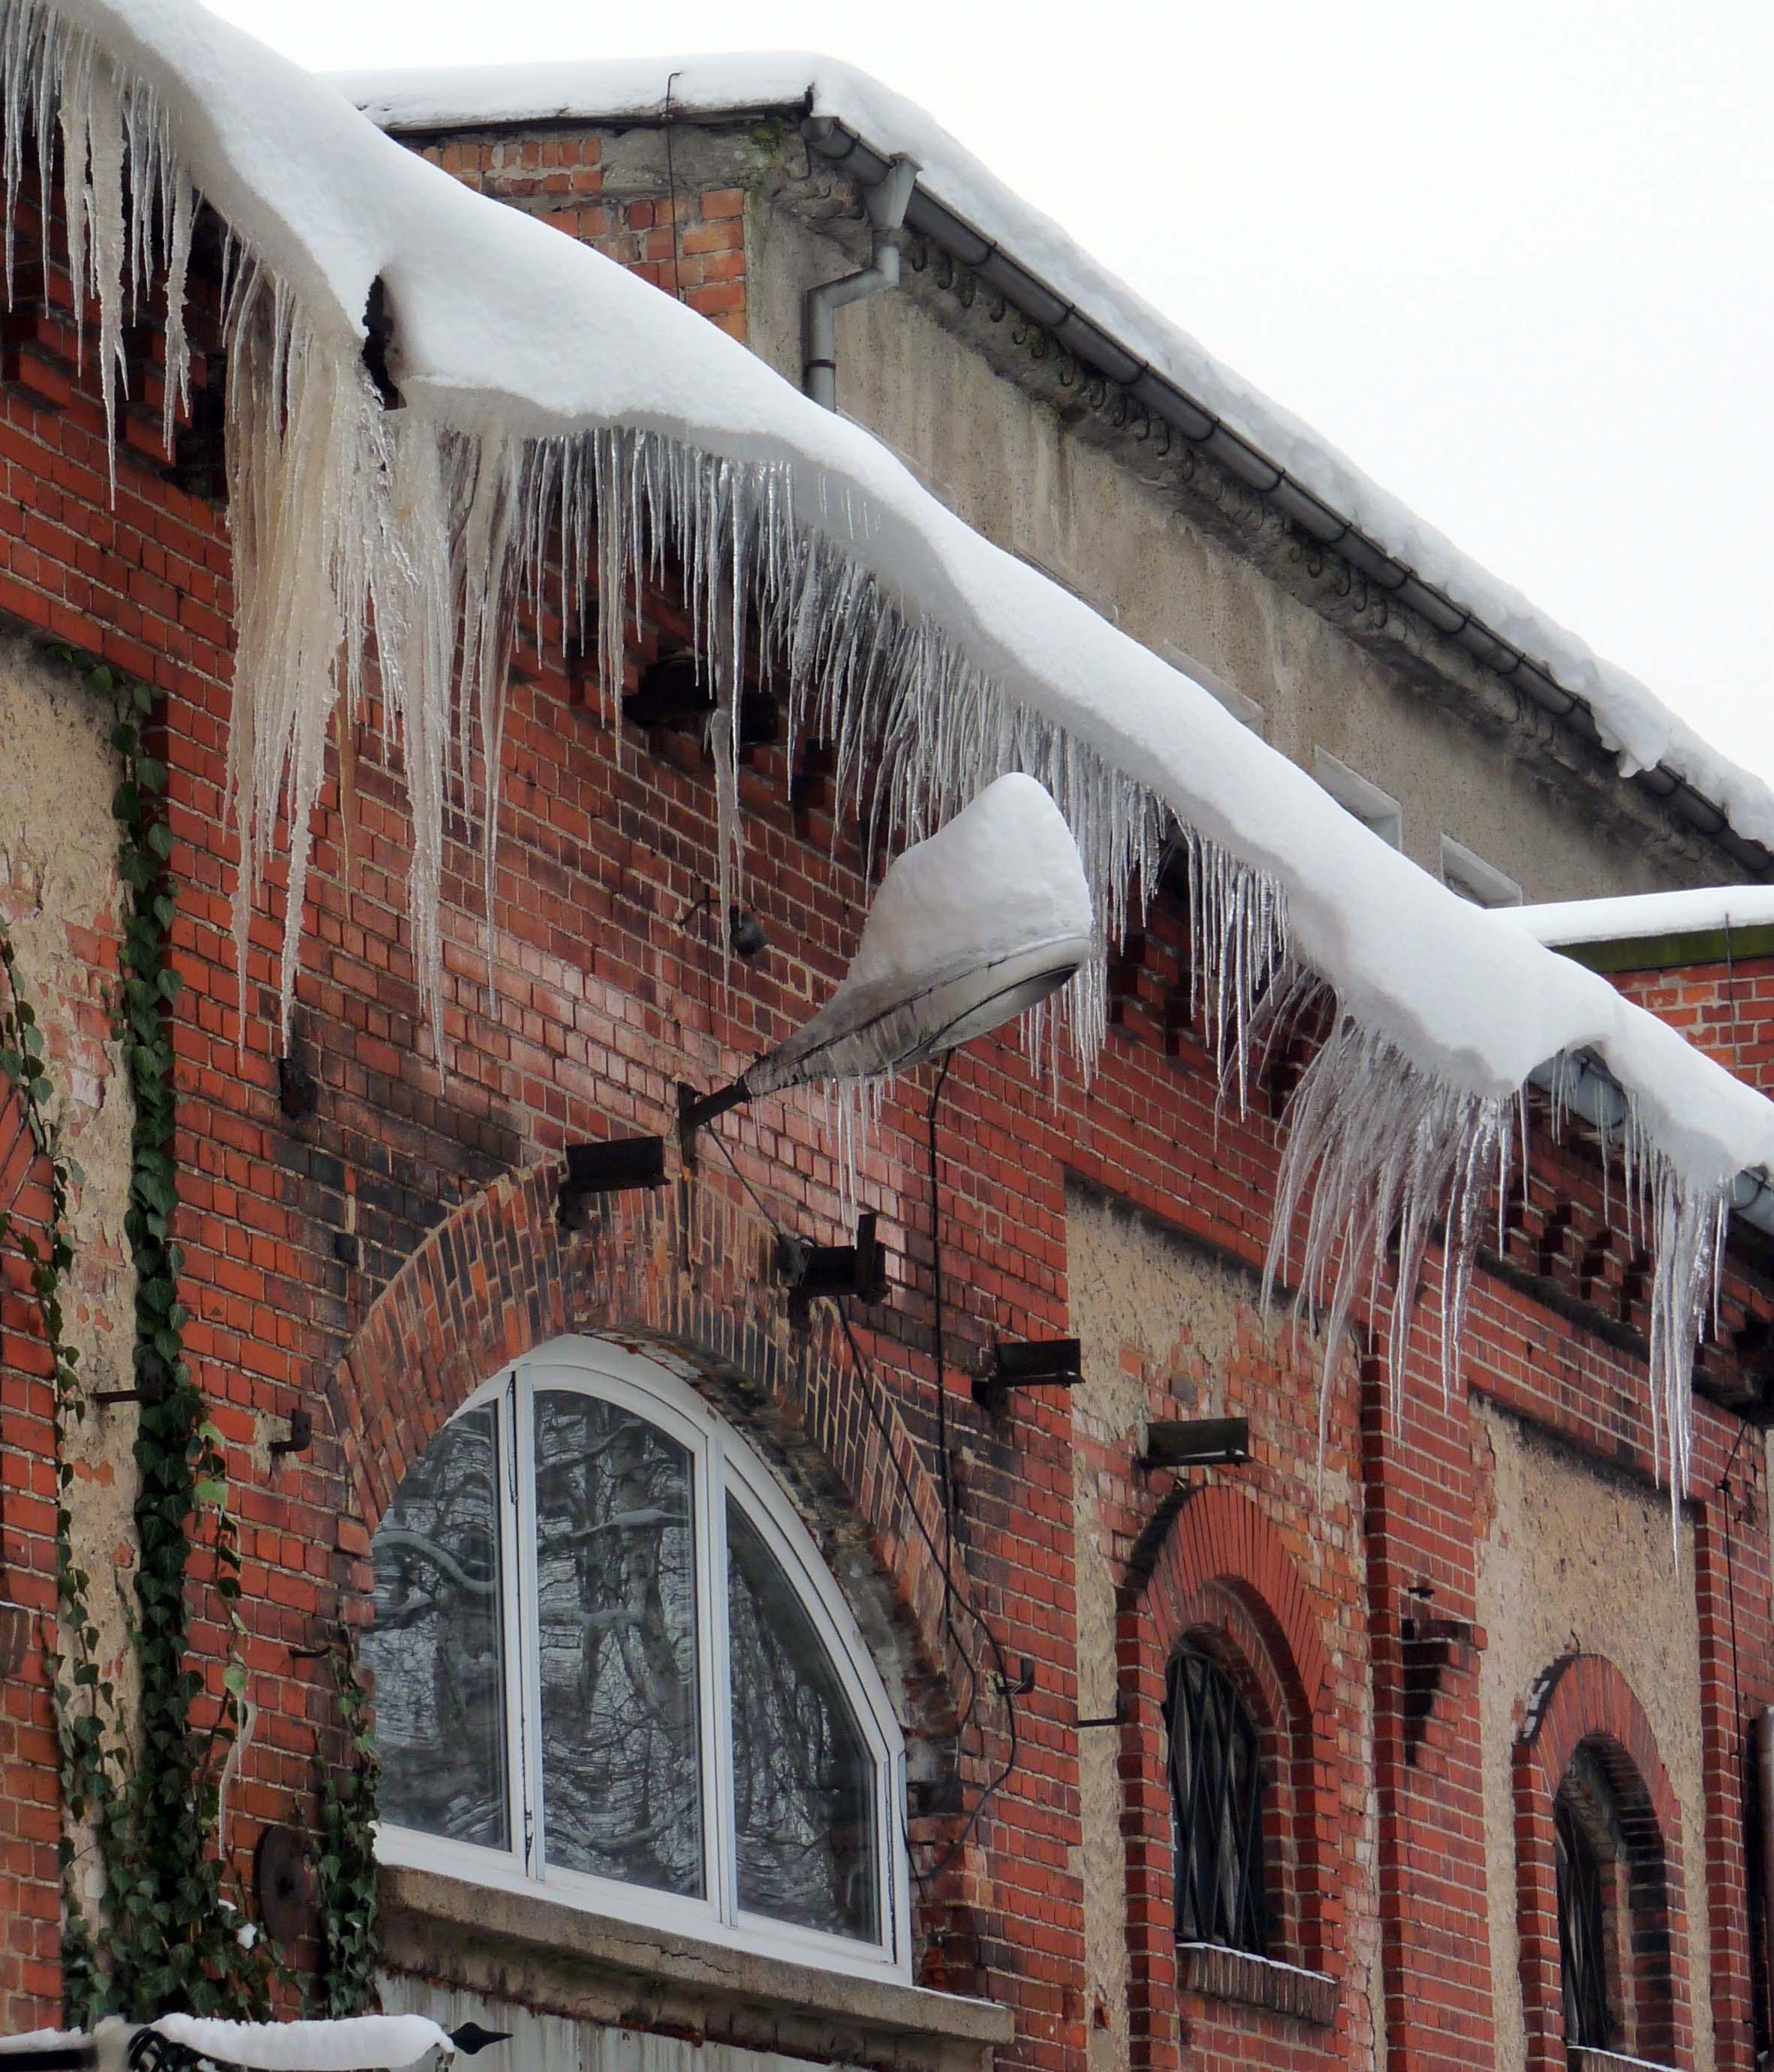 Eiszapfen... Meisterwerk der Natur verschönert die alten Gebäude in Halberstadt